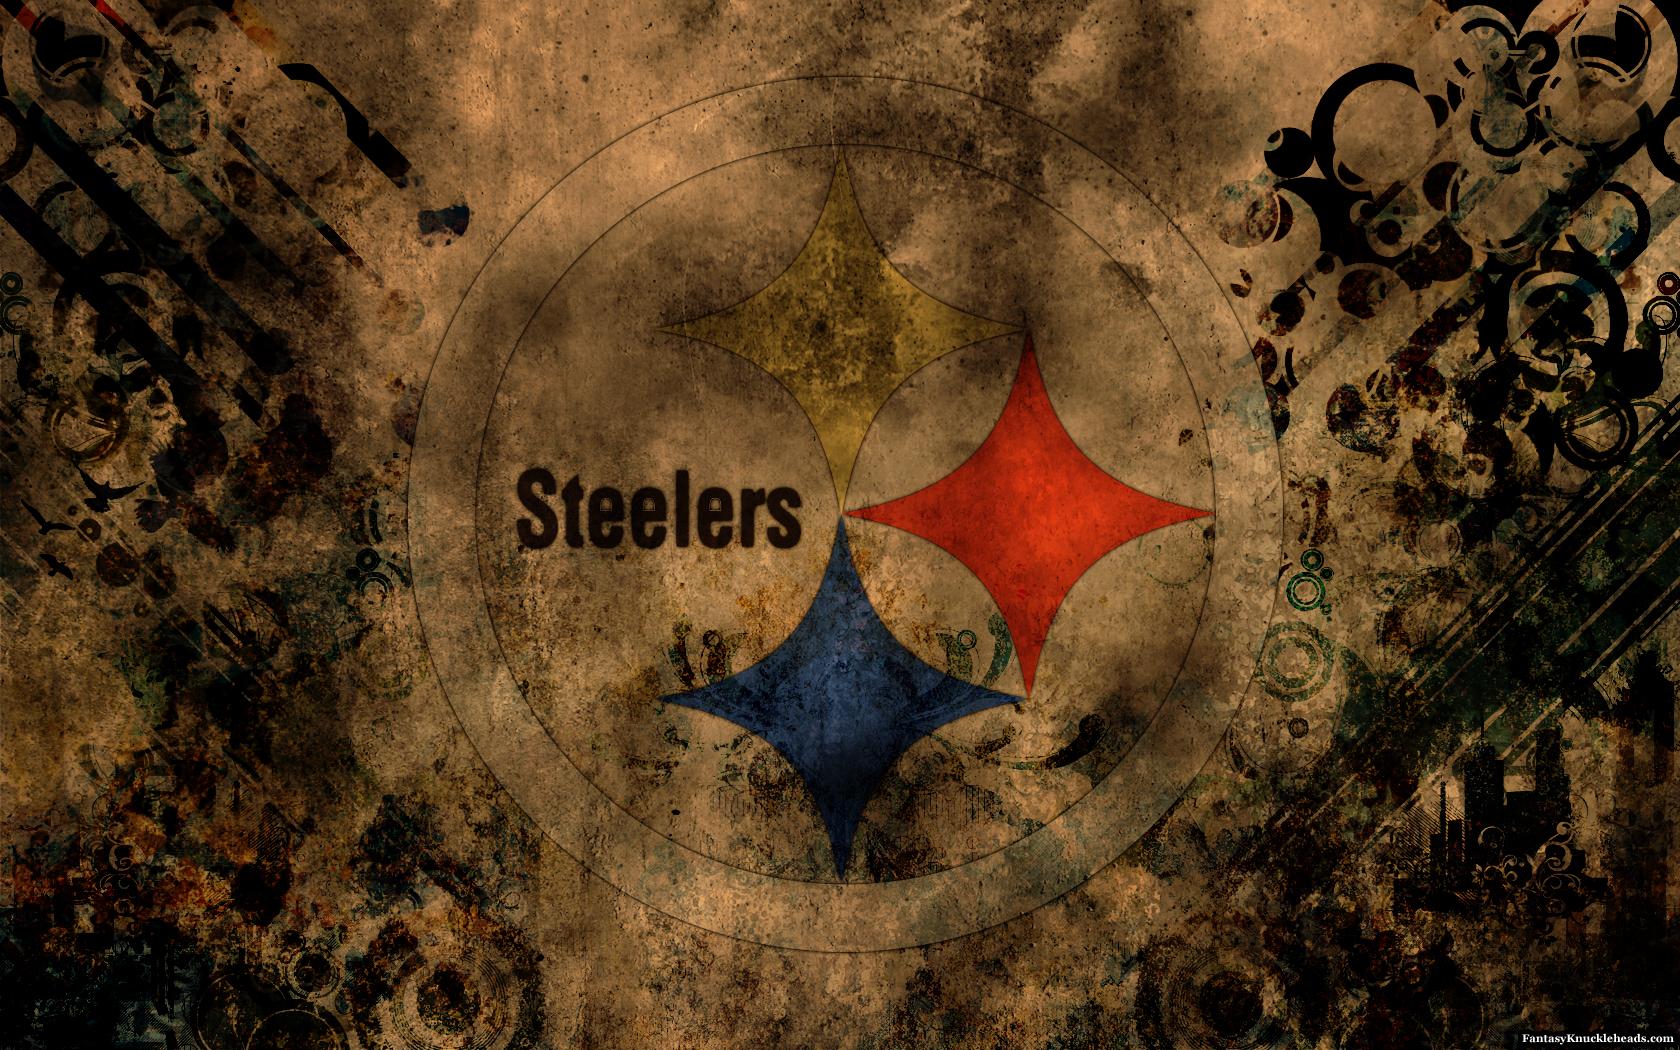 NFL Team Wallpaper For Desktop iPad and MAC 1680x1050